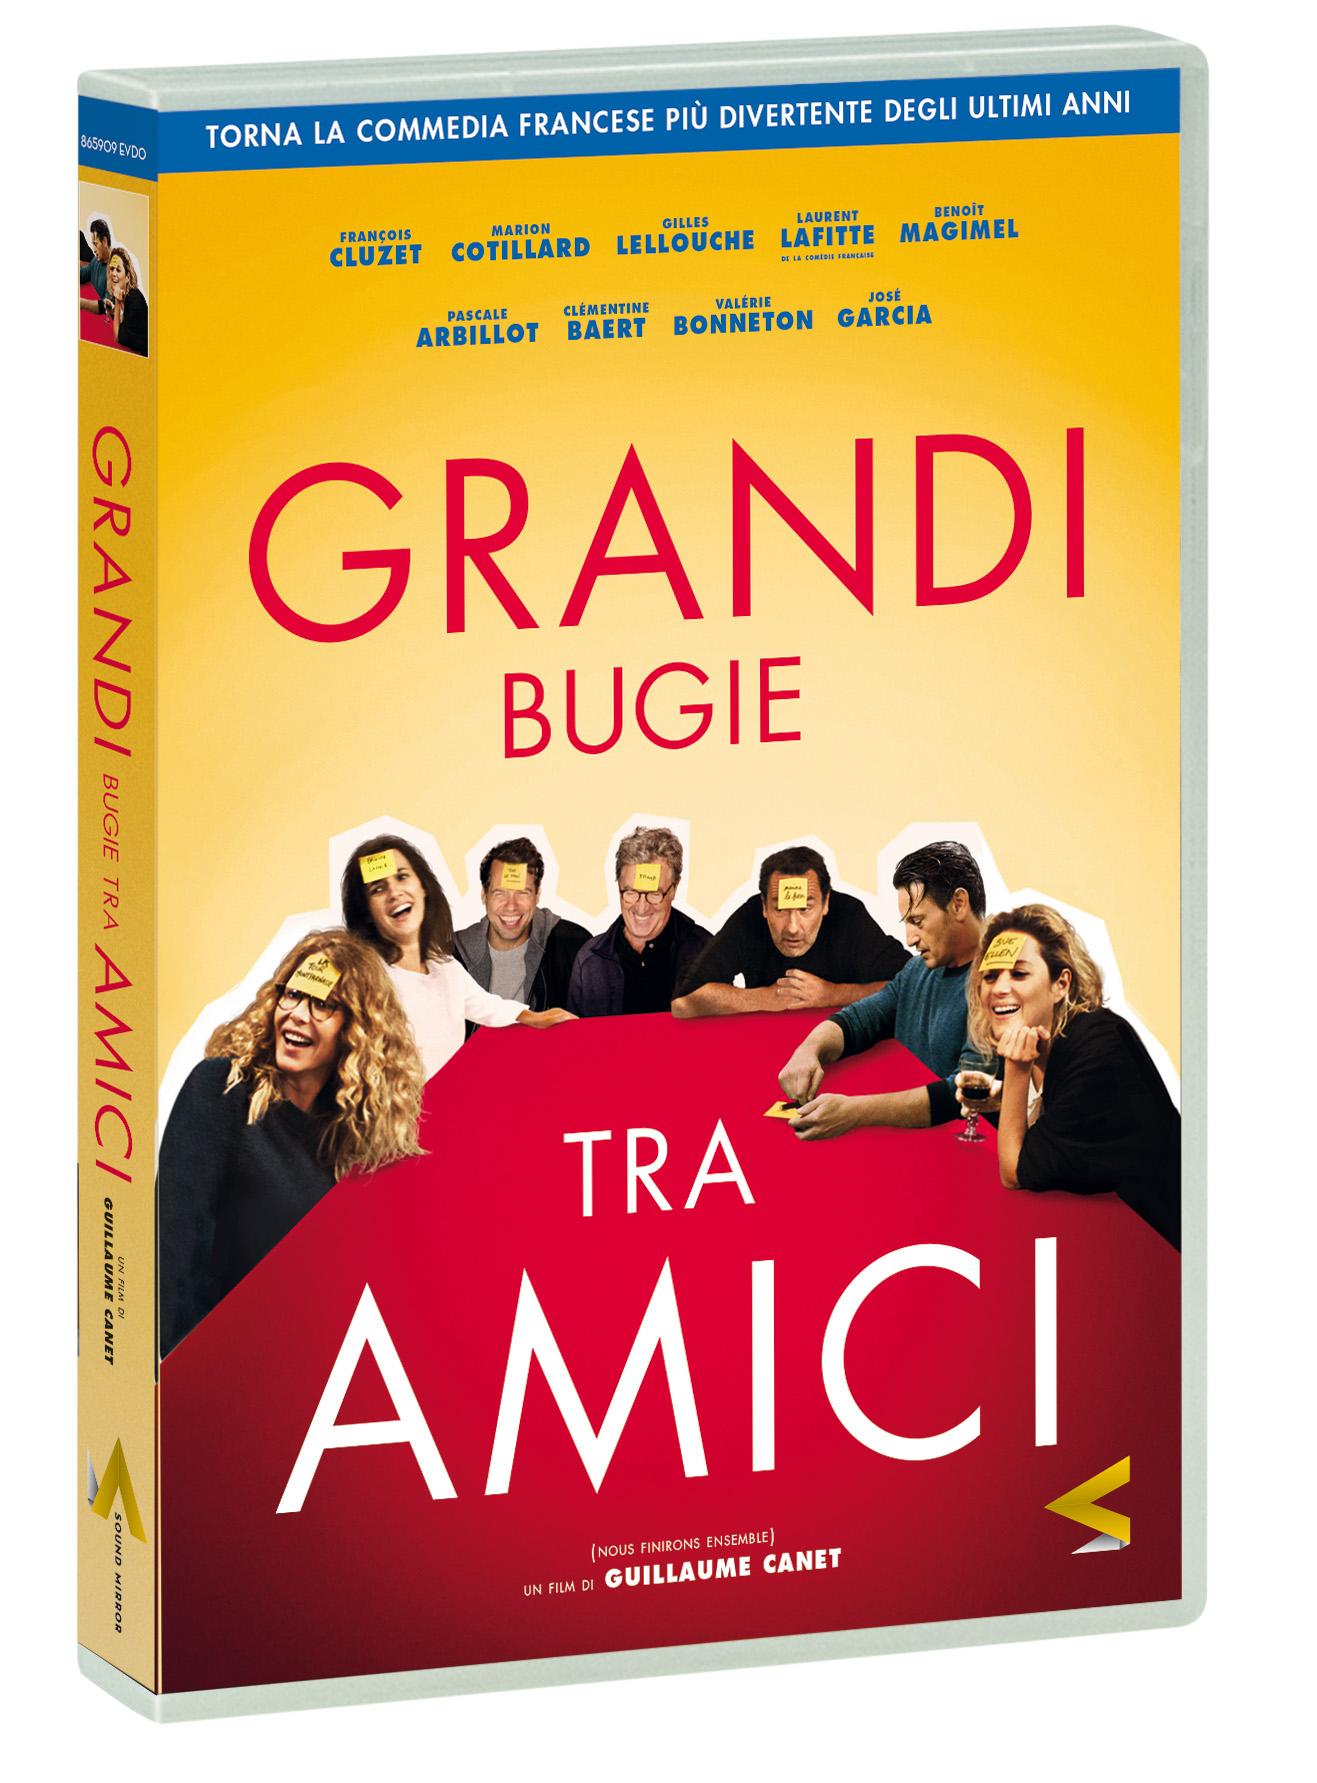 GRANDI BUGIE TRA AMICI (DVD)